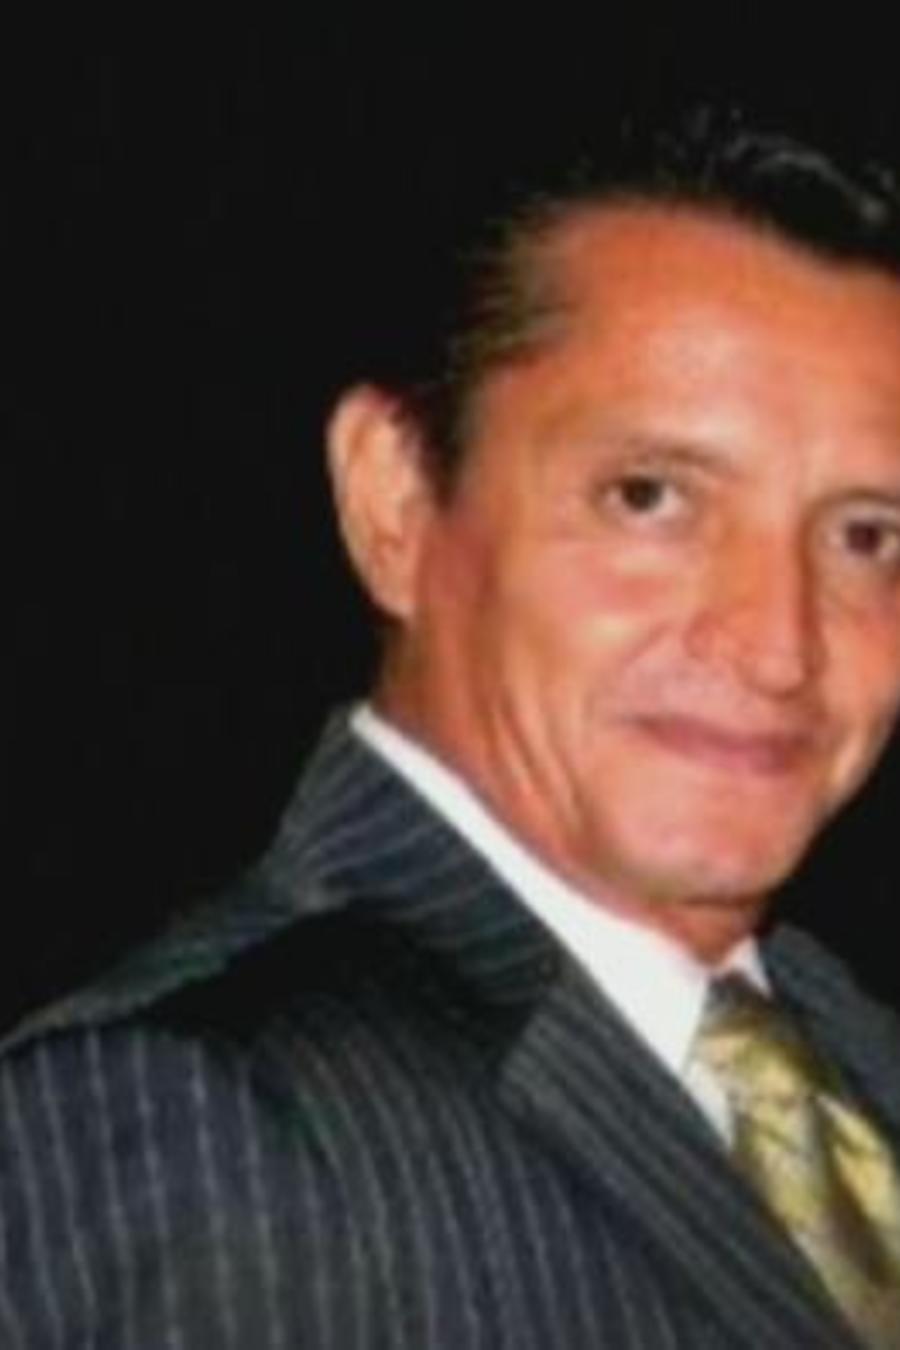 Adrián Fernández, director de la revista Perfil, secuestrado y luego rescatado en Morelos, México.